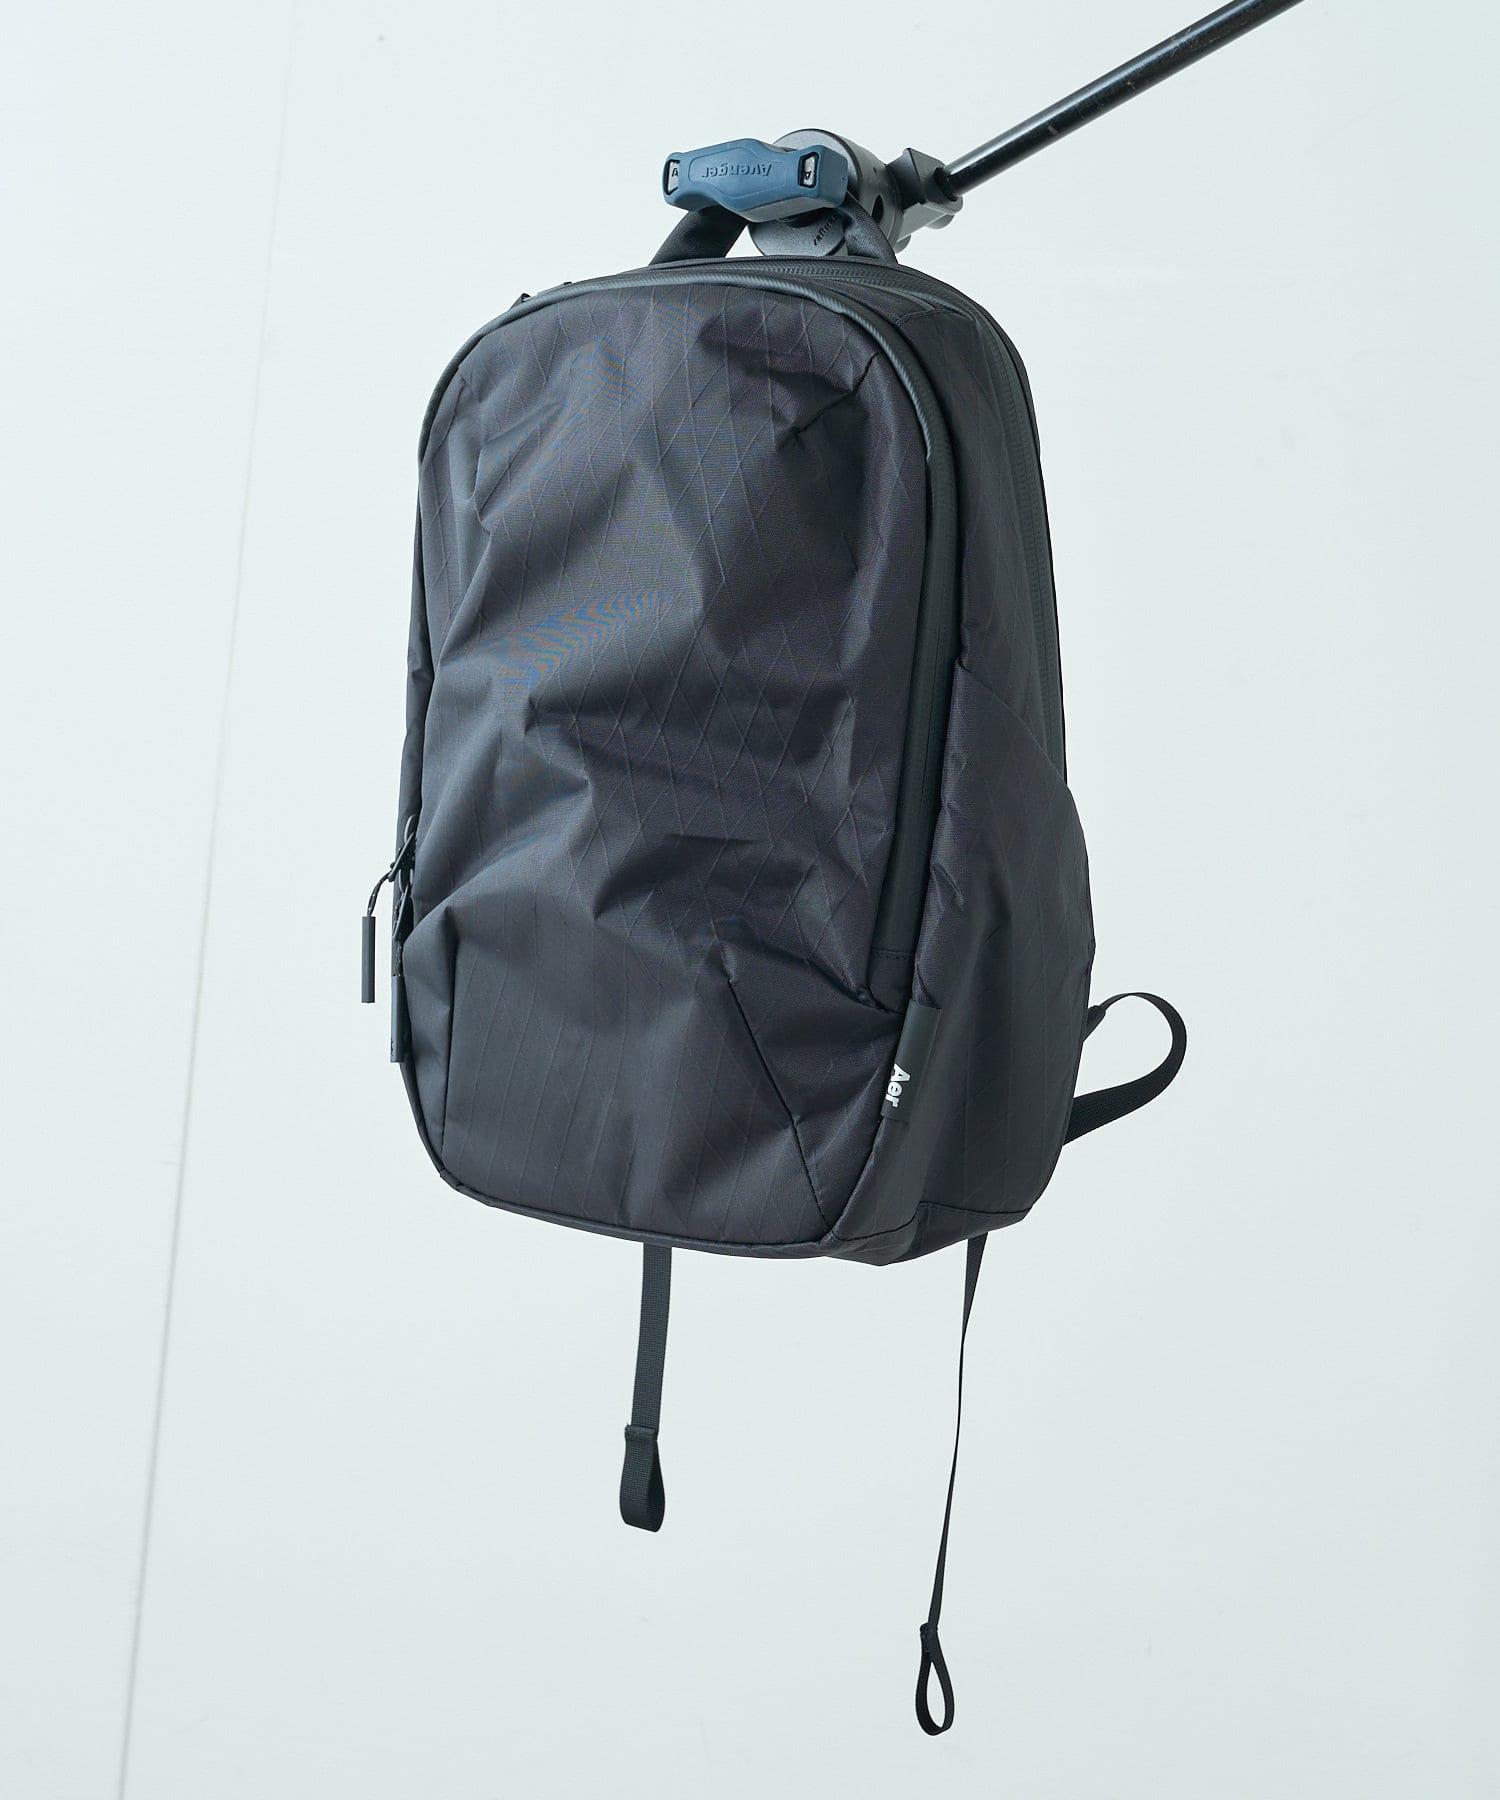 Lui's(ルイス) レディース 【AER / エアー】21SS DAYPACK 2 XPAC(バックパック) ブラック